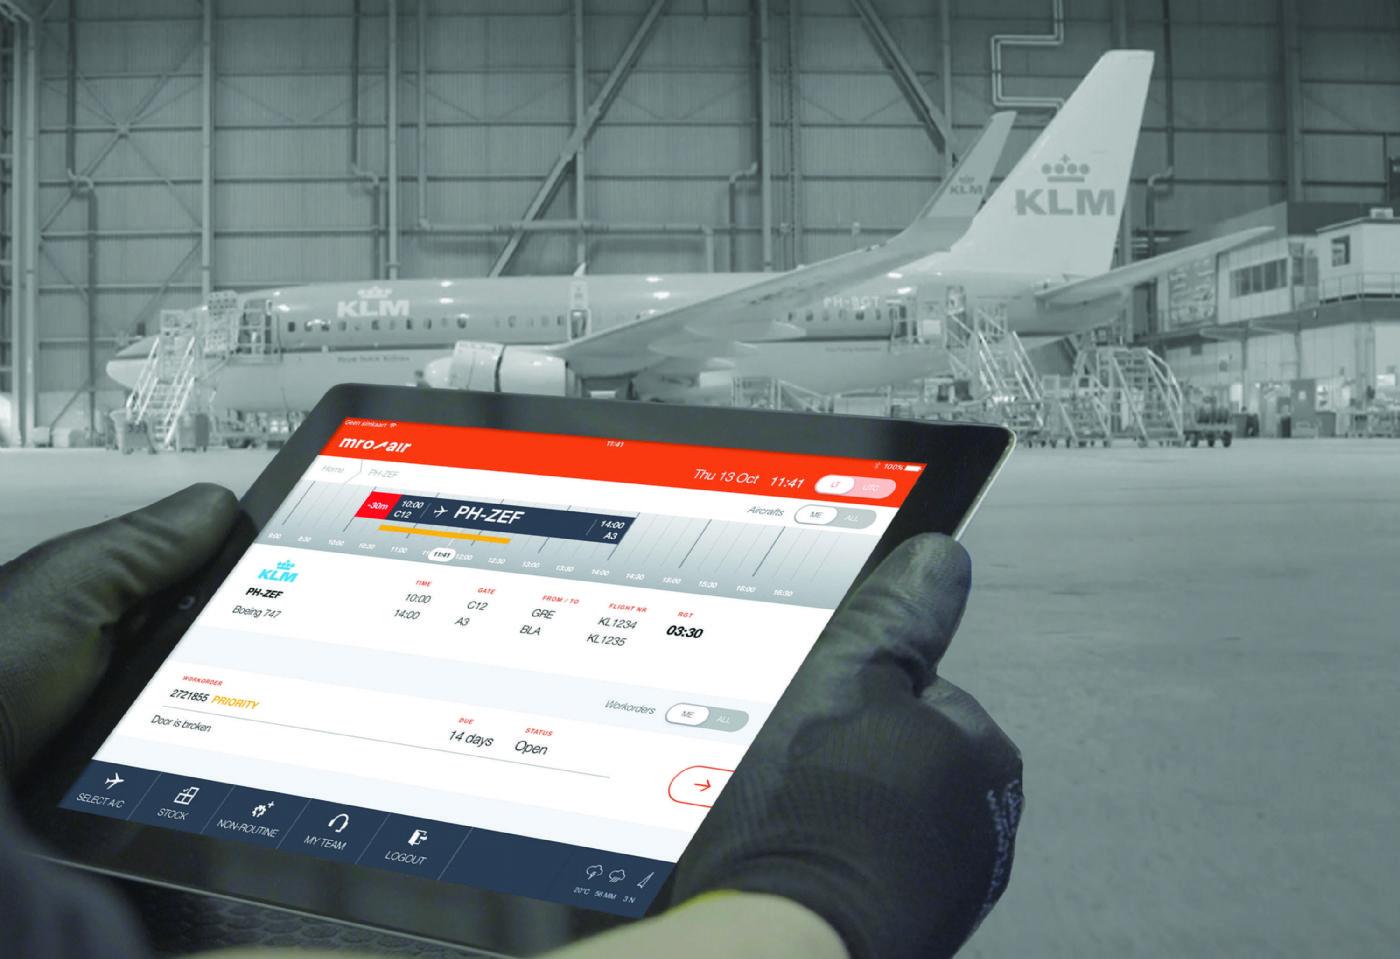 Uçak Kazalarının Havacılık Teknolojisinin Gelişimine Etkisi